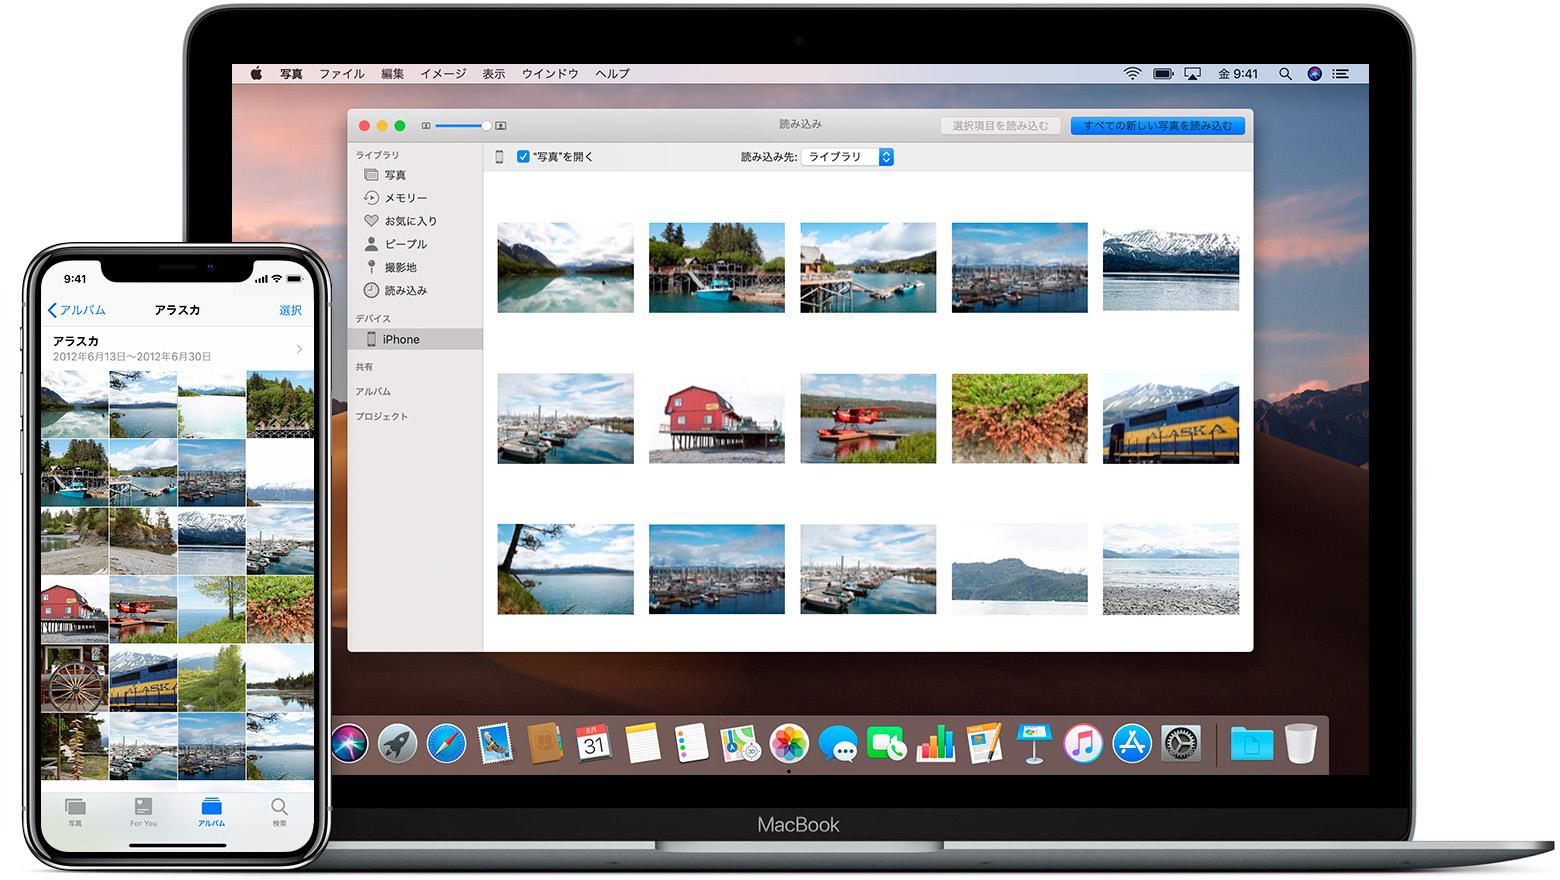 写真 に 移す usb から iphone を iPhoneの画像・動画をPCに転送する方法7つ Windows10・Mac対応